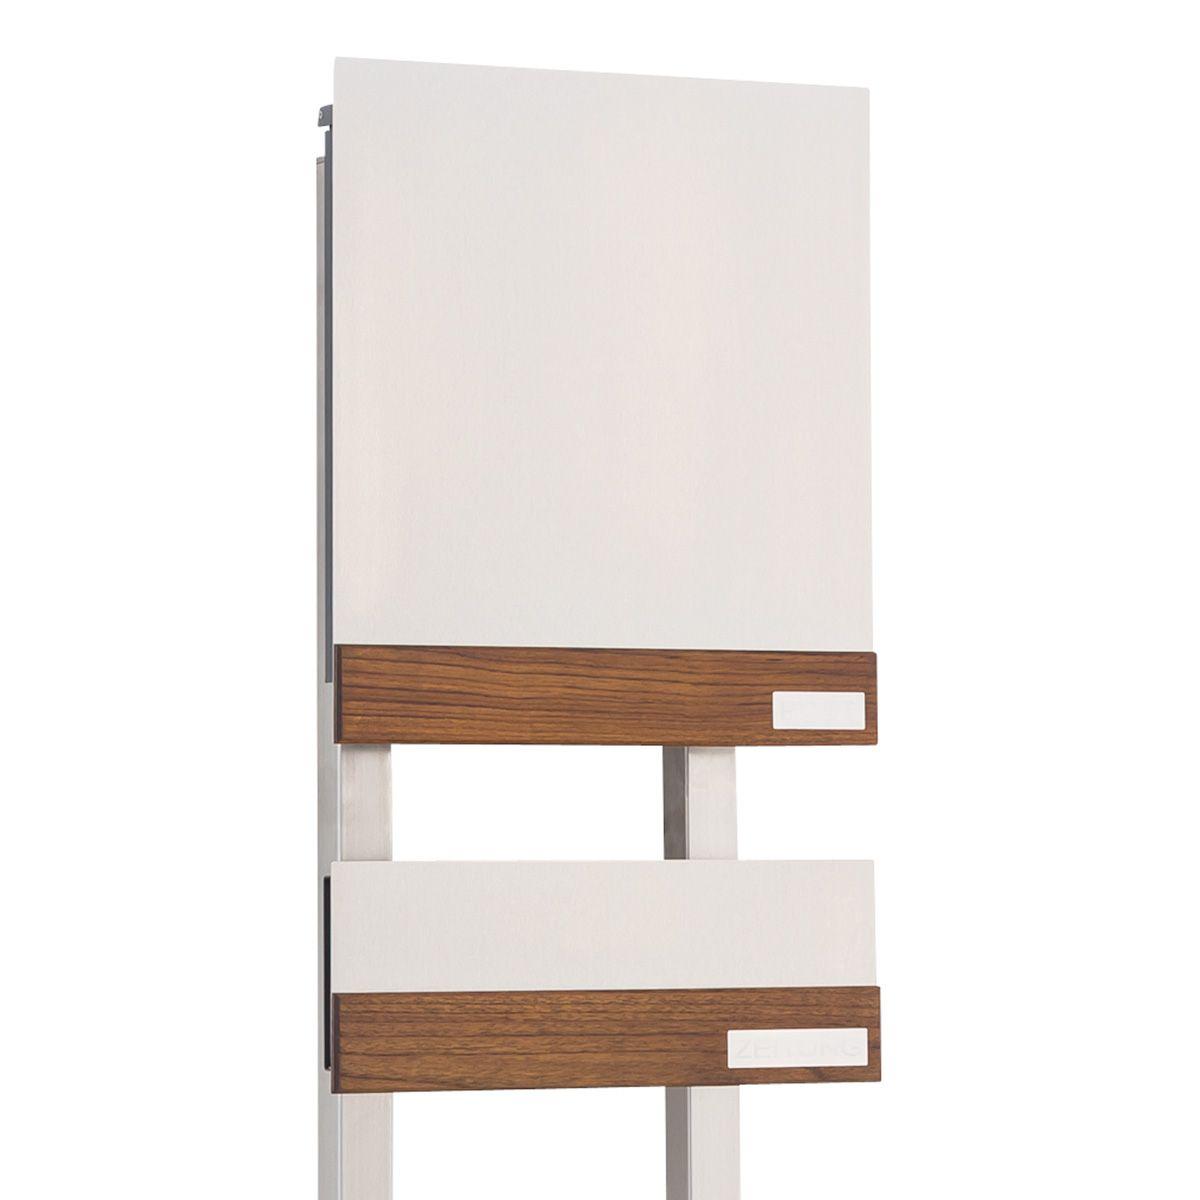 hochwertig gefertigter freistehender edelstahl design briefkasten mit zeitungsfach erh ltlich. Black Bedroom Furniture Sets. Home Design Ideas